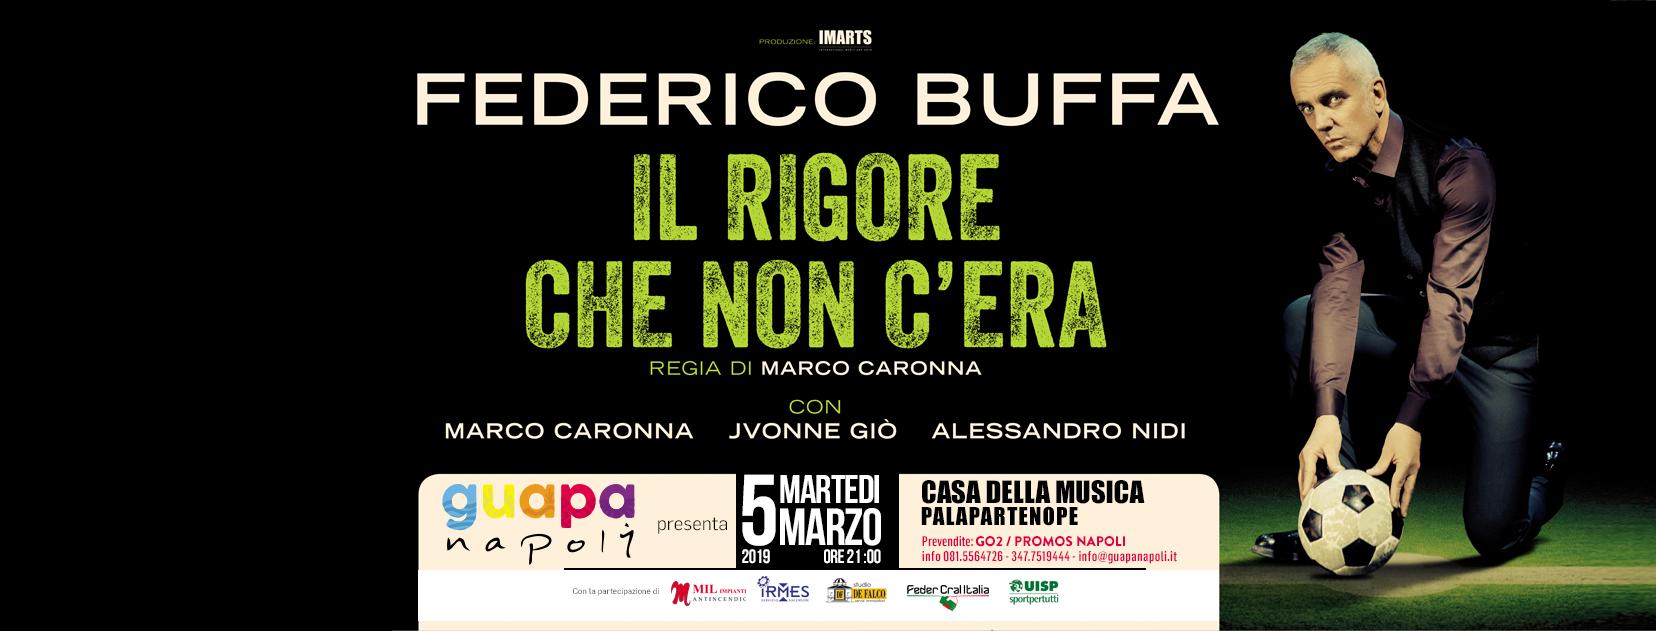 """Federico Buffa racconta """"Il rigore che non c'era"""" a Napoli"""